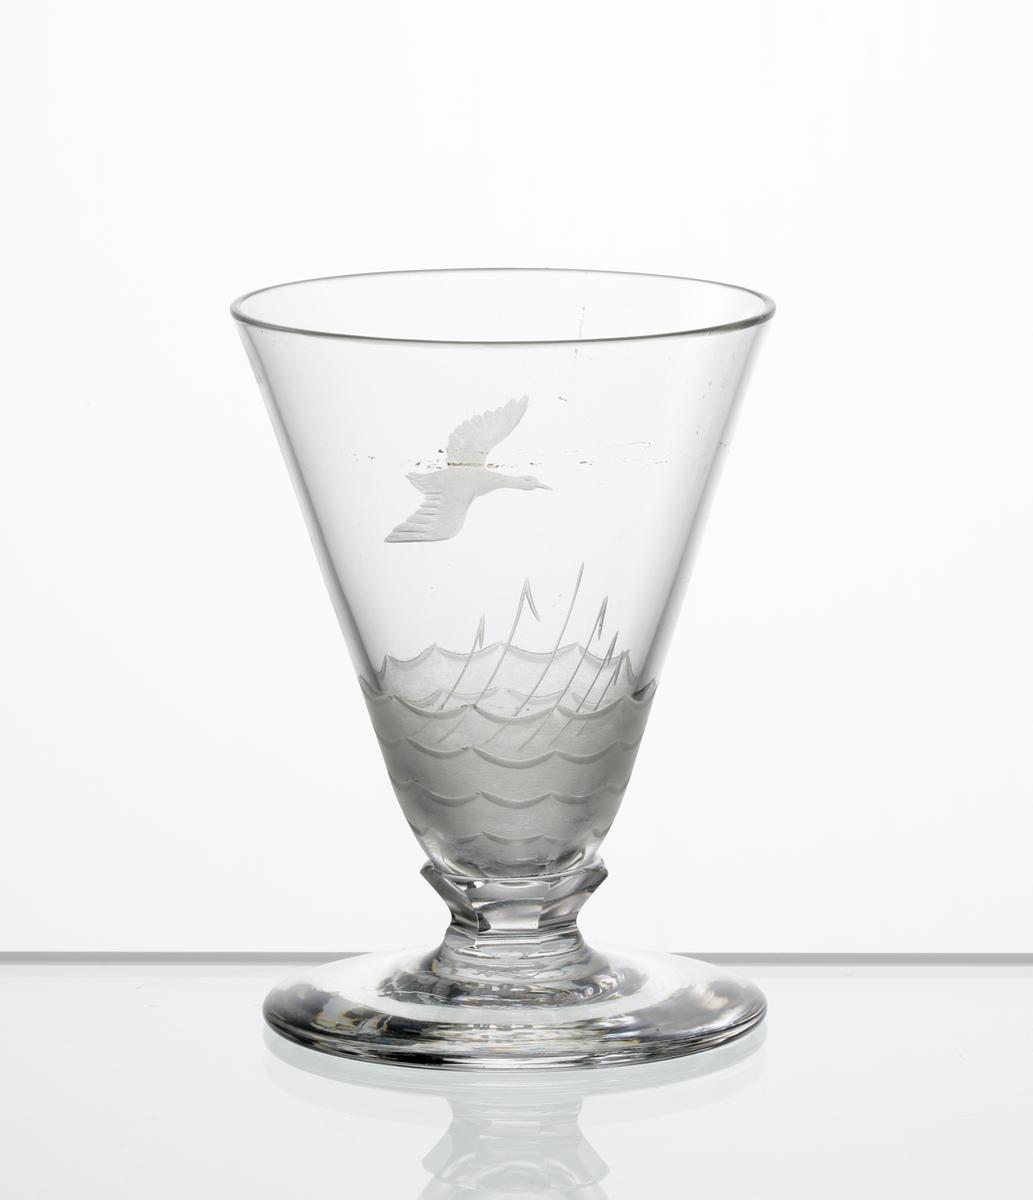 Design: Edward Hald. Brännvinsglas. Konisk kupa med fasettslipad knapp mellan kupa och fot. Graverad flygande andfågel och, på kupans nedre del, vass och vatten i vågor.